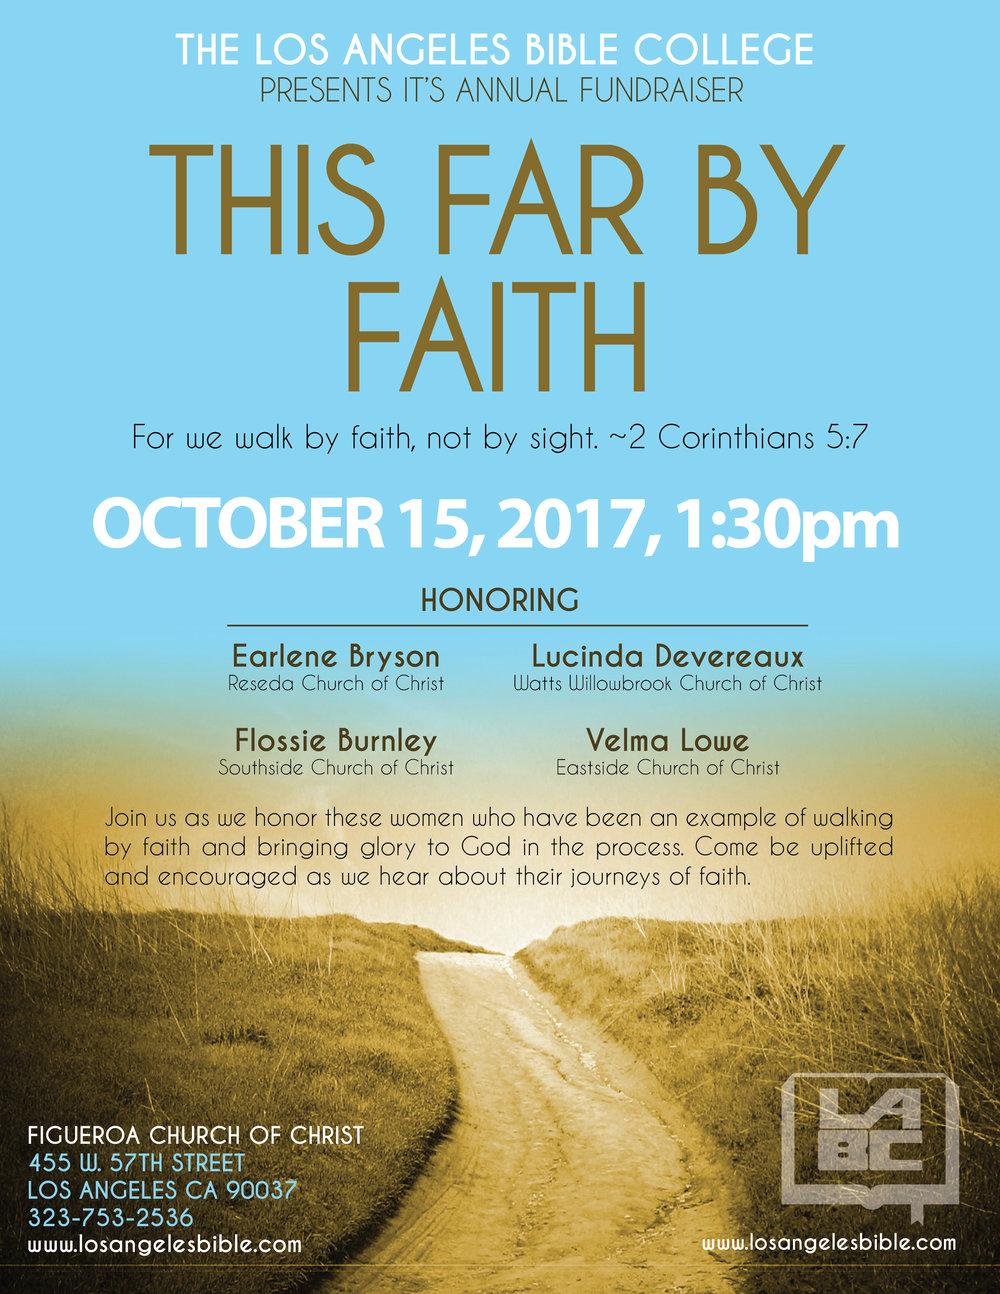 LABC Fundraiser 2017 Flyer.jpg